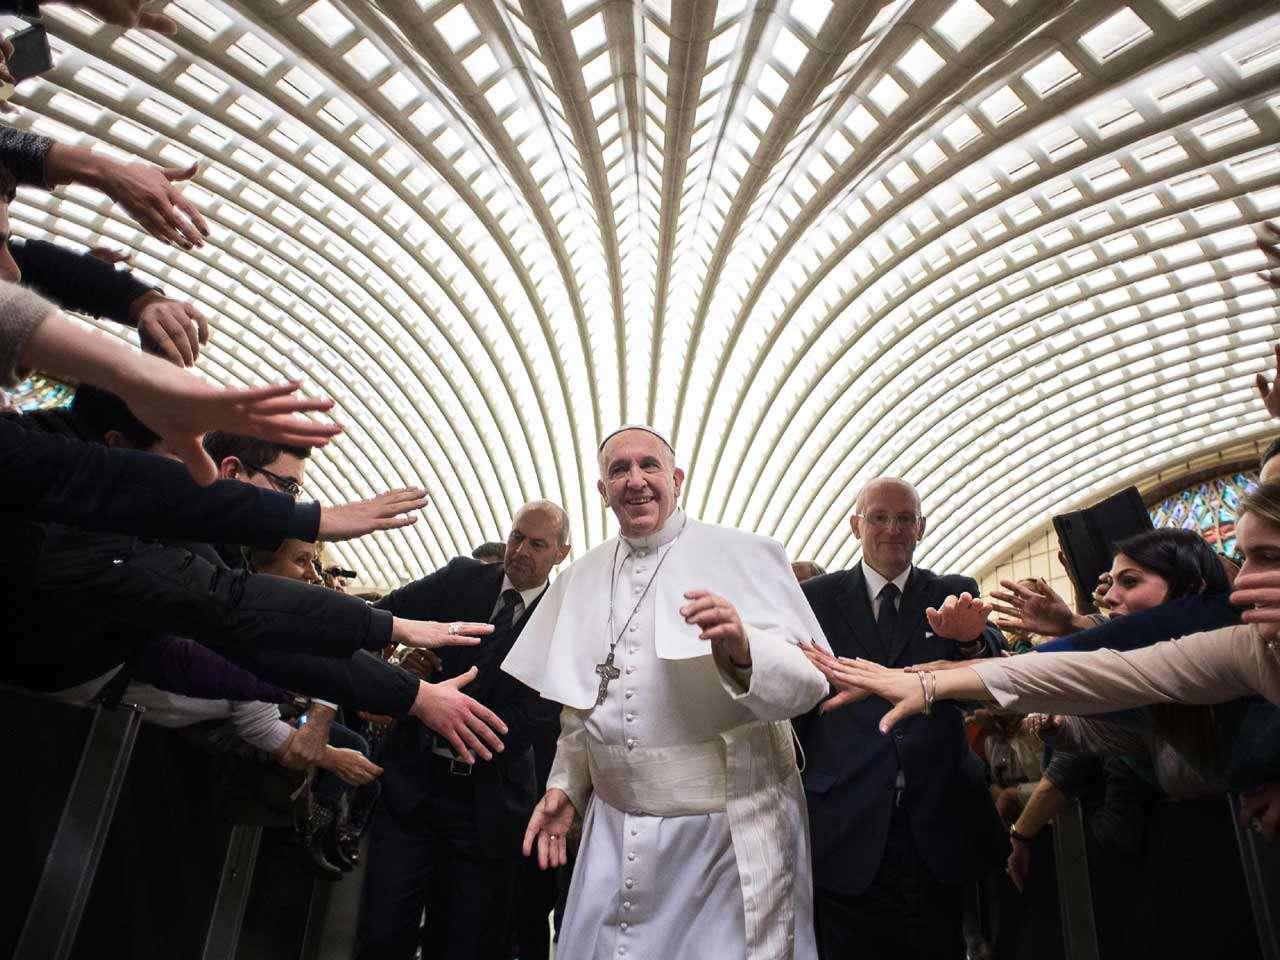 El papa Francisco arriva a una reunión con miembros de una diócesis del sur de Italia, el 21 de febrero de 2015. Foto: AP en español